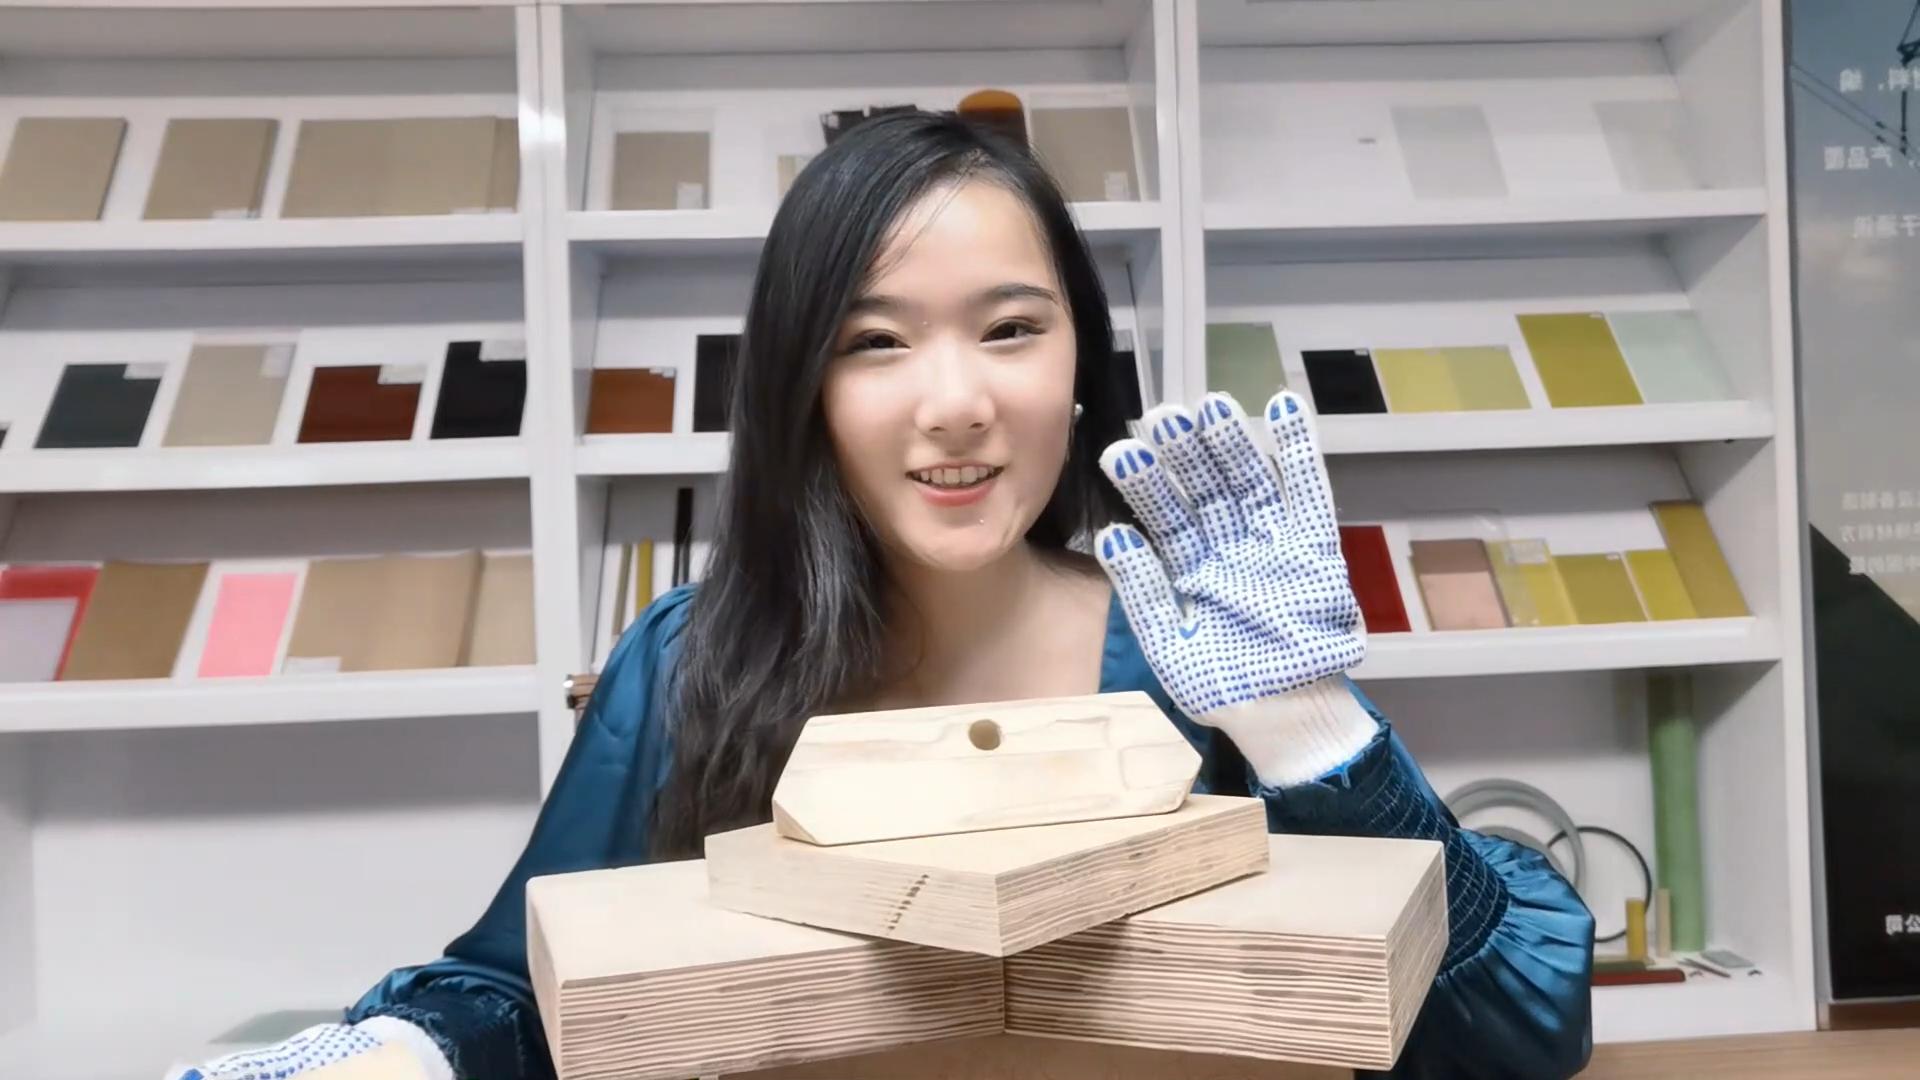 דיקט ליבנה לוחות עץ למינציה עבור שנאי בידוד חשמלי